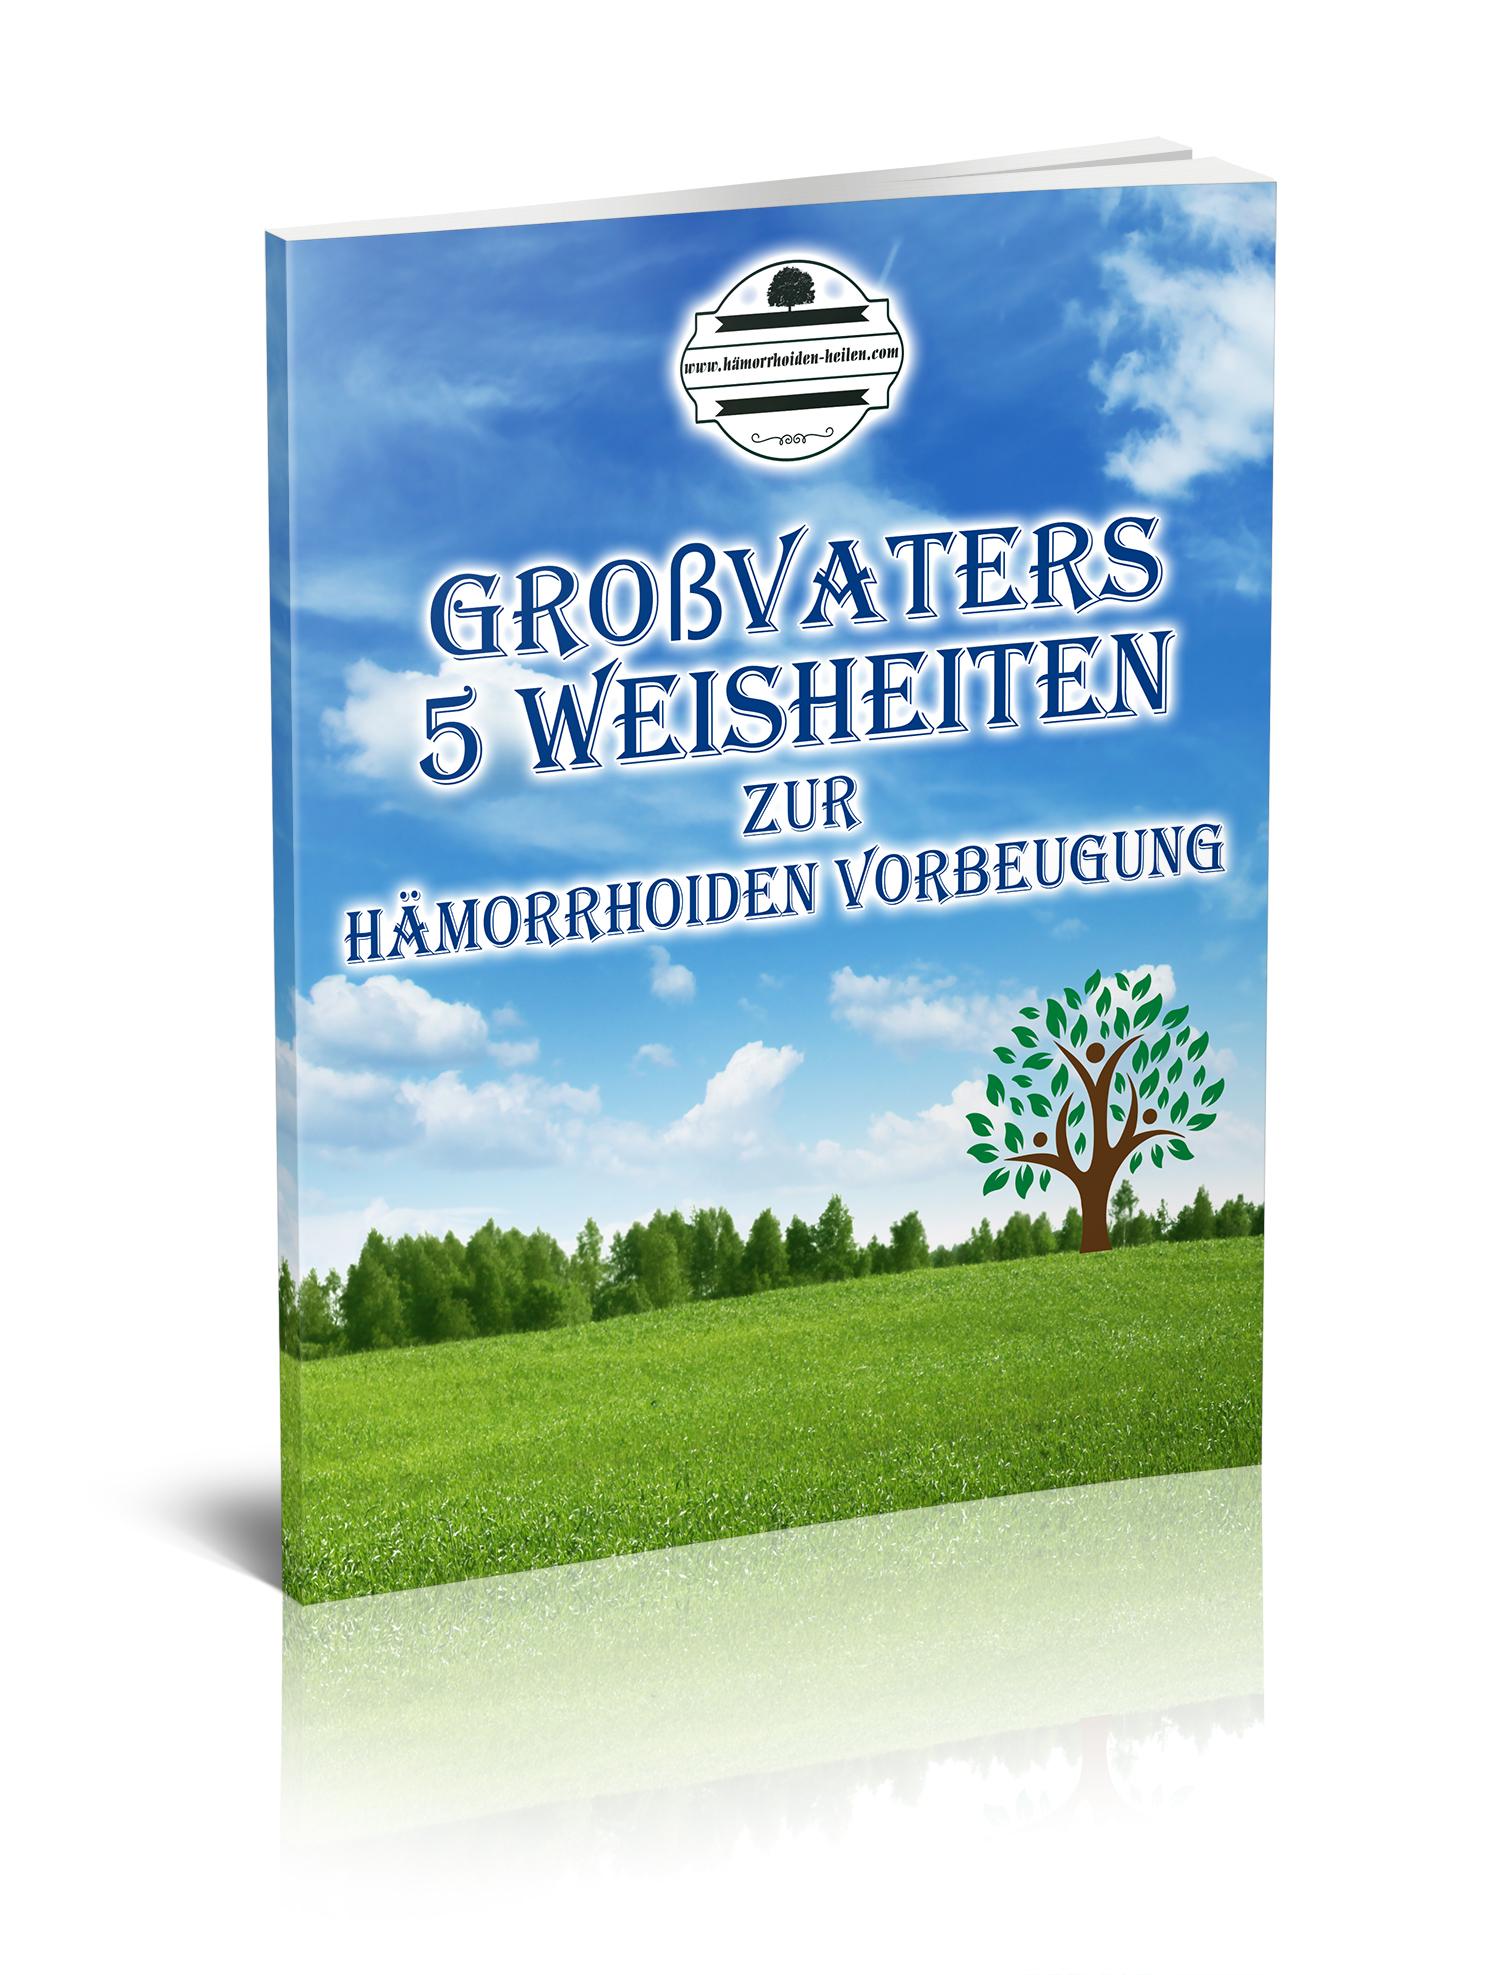 Grossvaters 5 Weisheiten zur Hämorrhoiden Vorbeugung